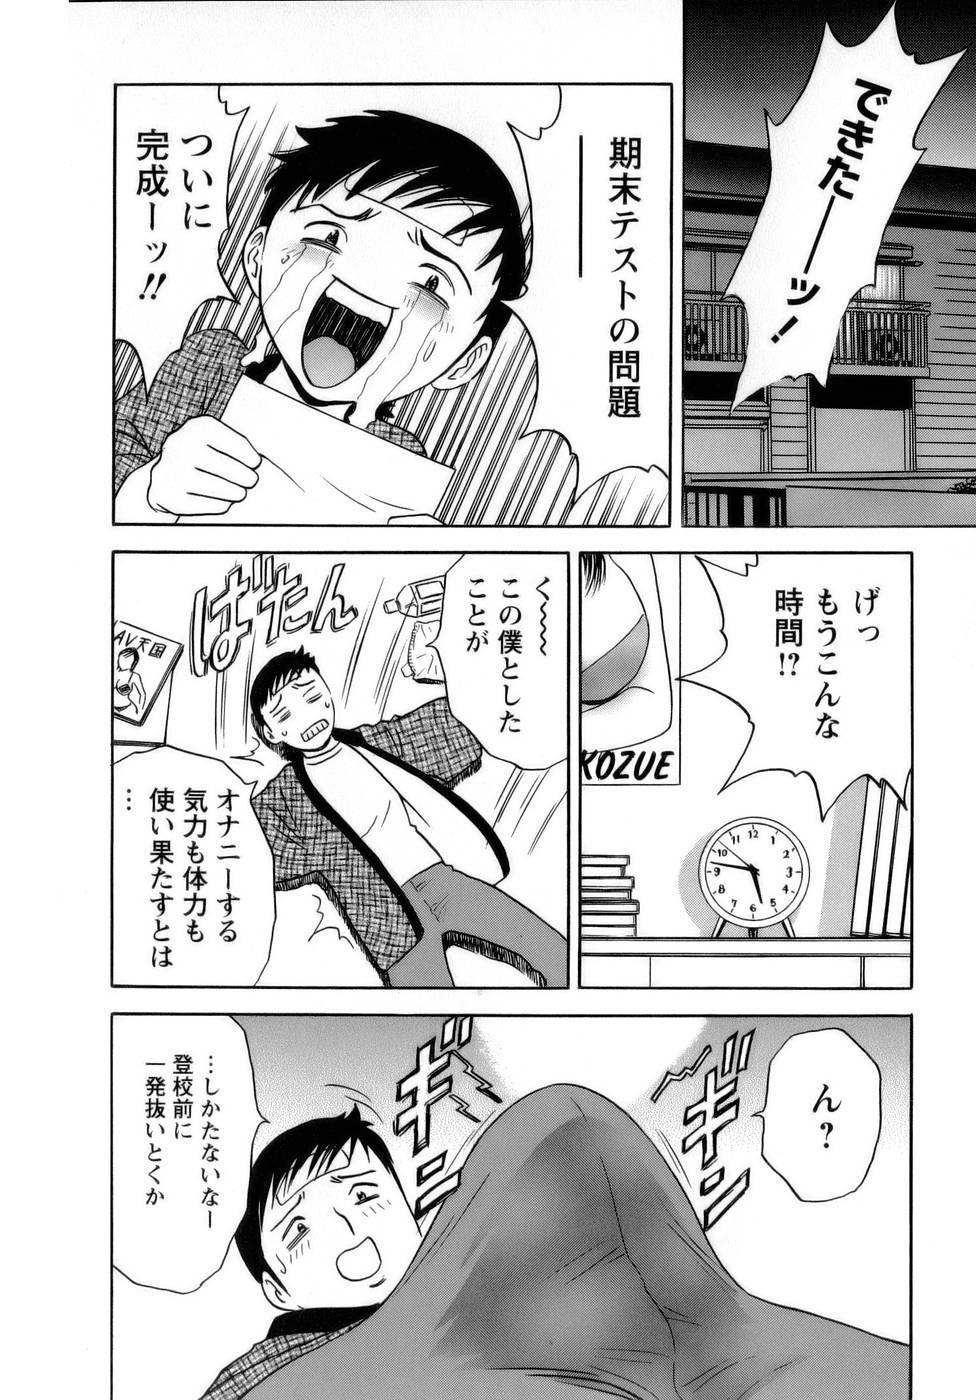 [Hidemaru] Mo-Retsu! Boin Sensei (Boing Boing Teacher) Vol.1 73